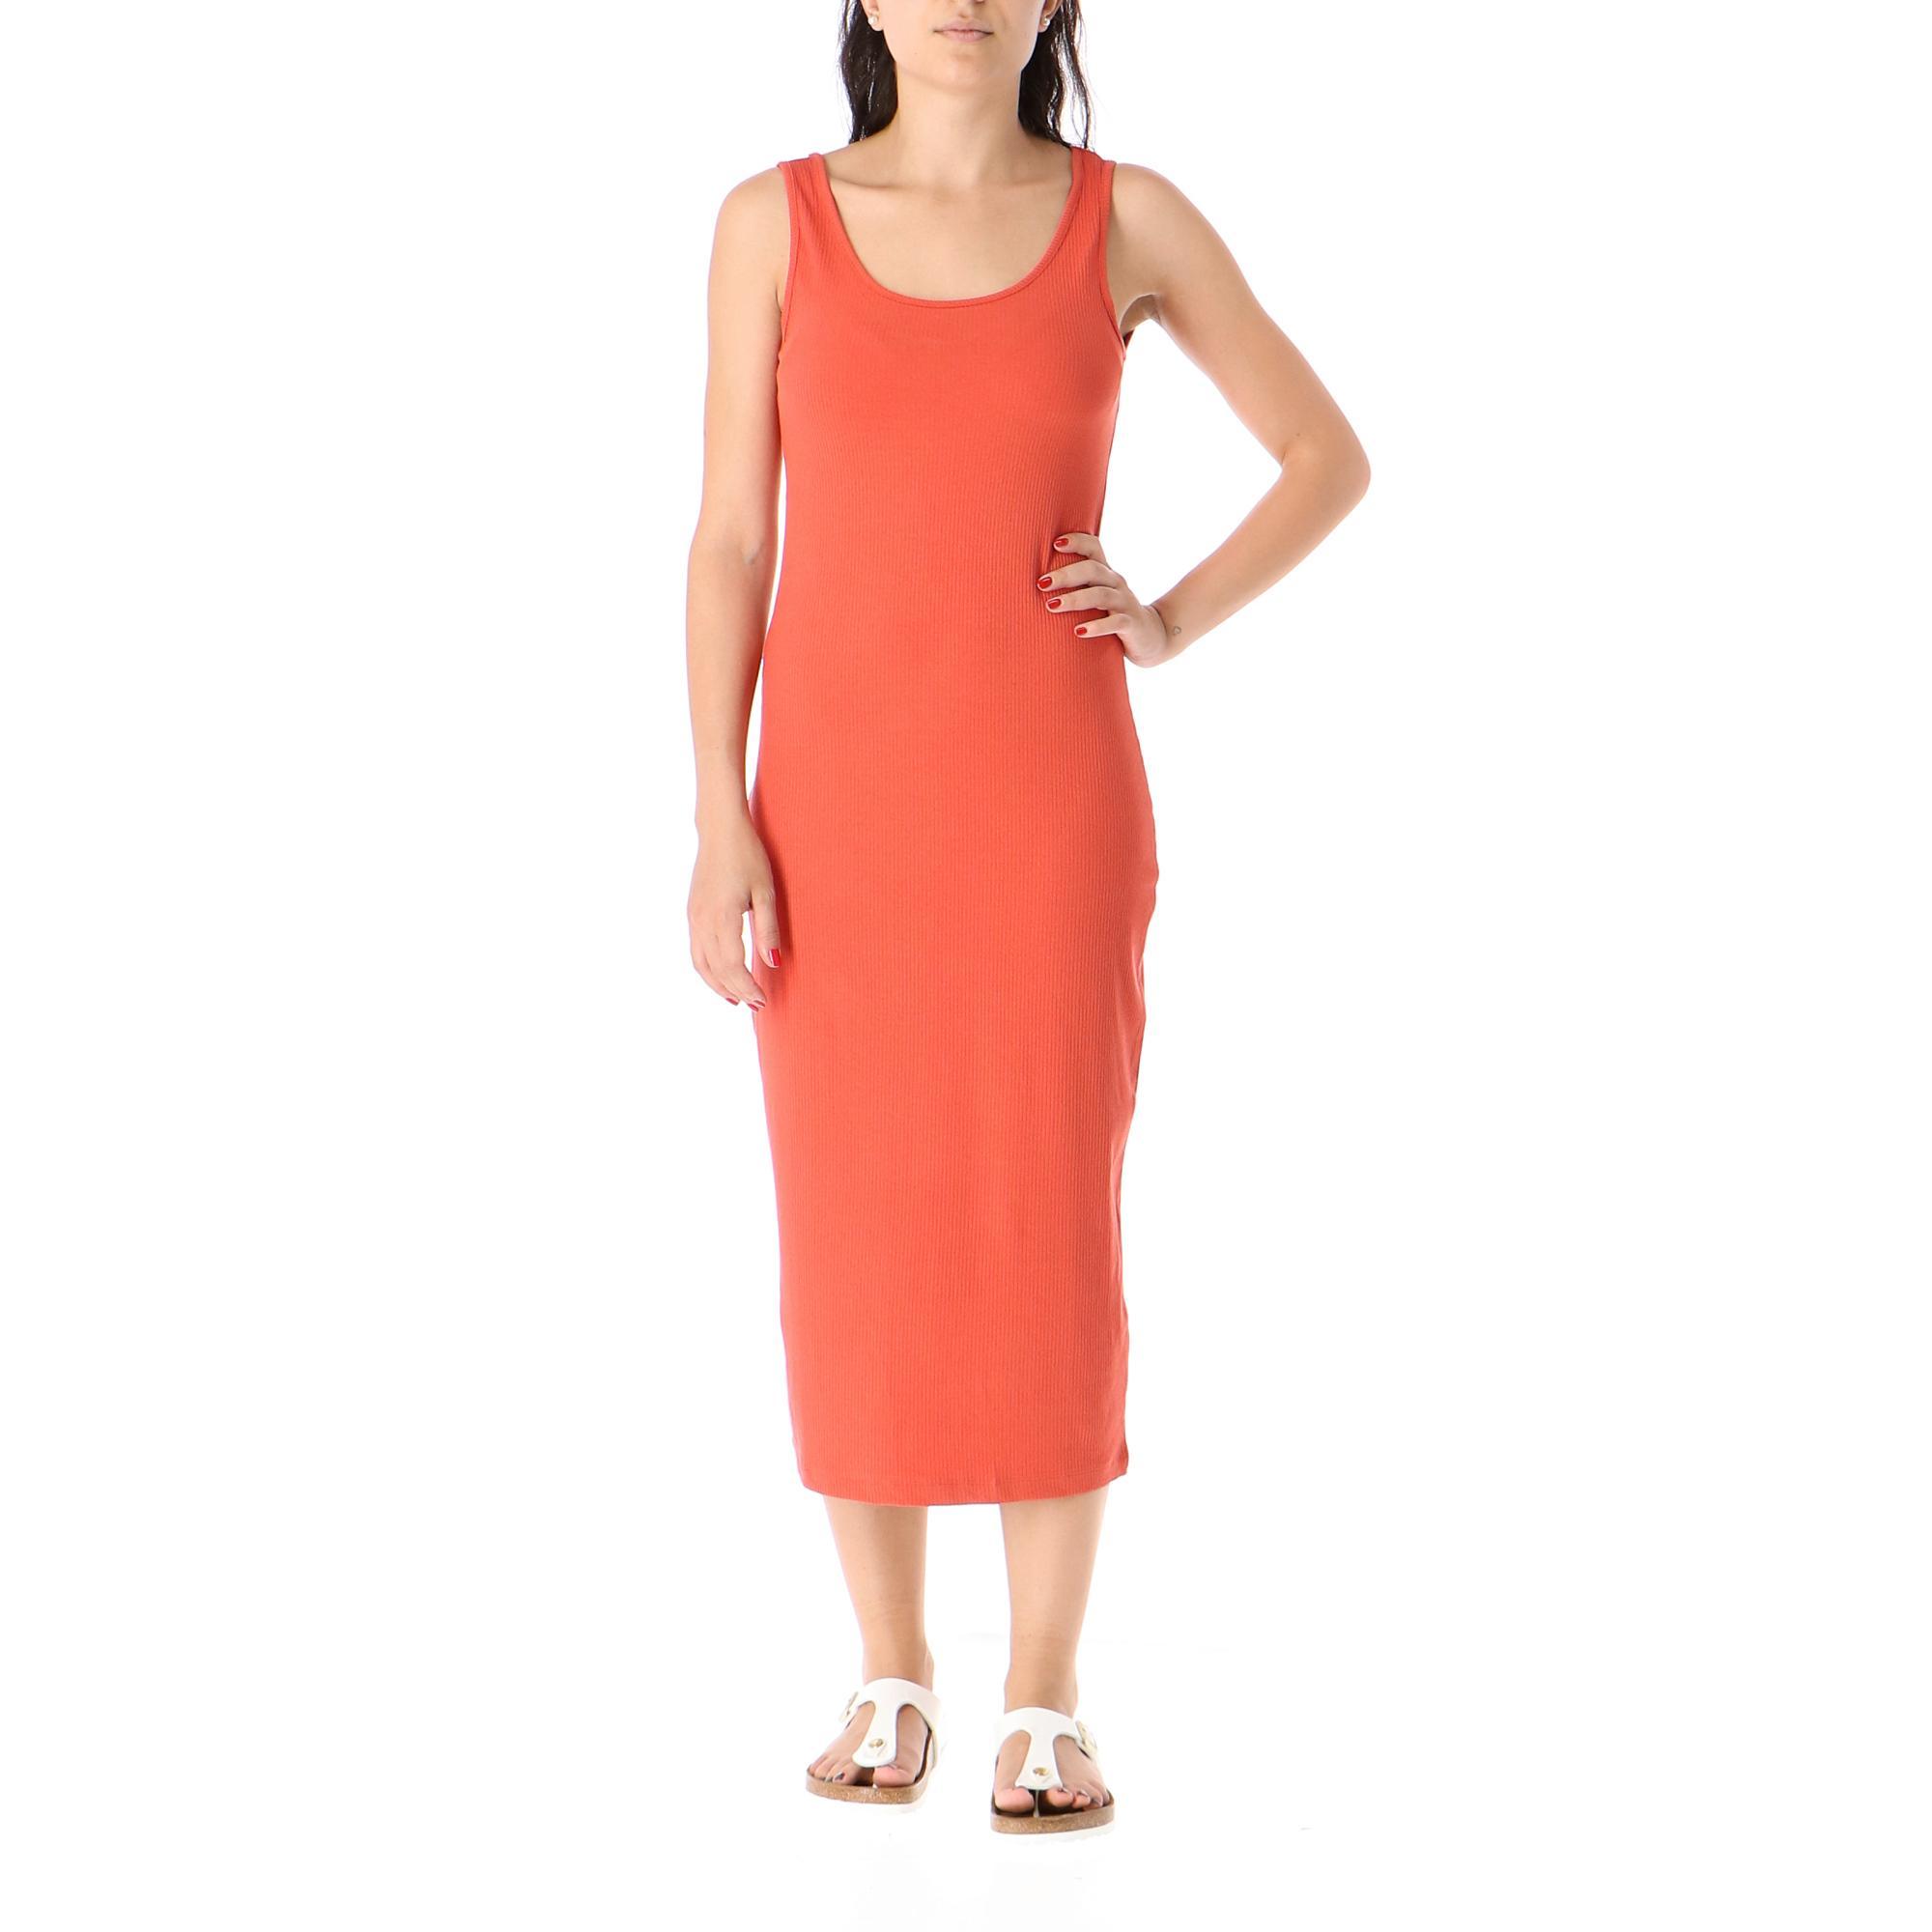 Only Naroma S/l Dress Jrs Hot sauce